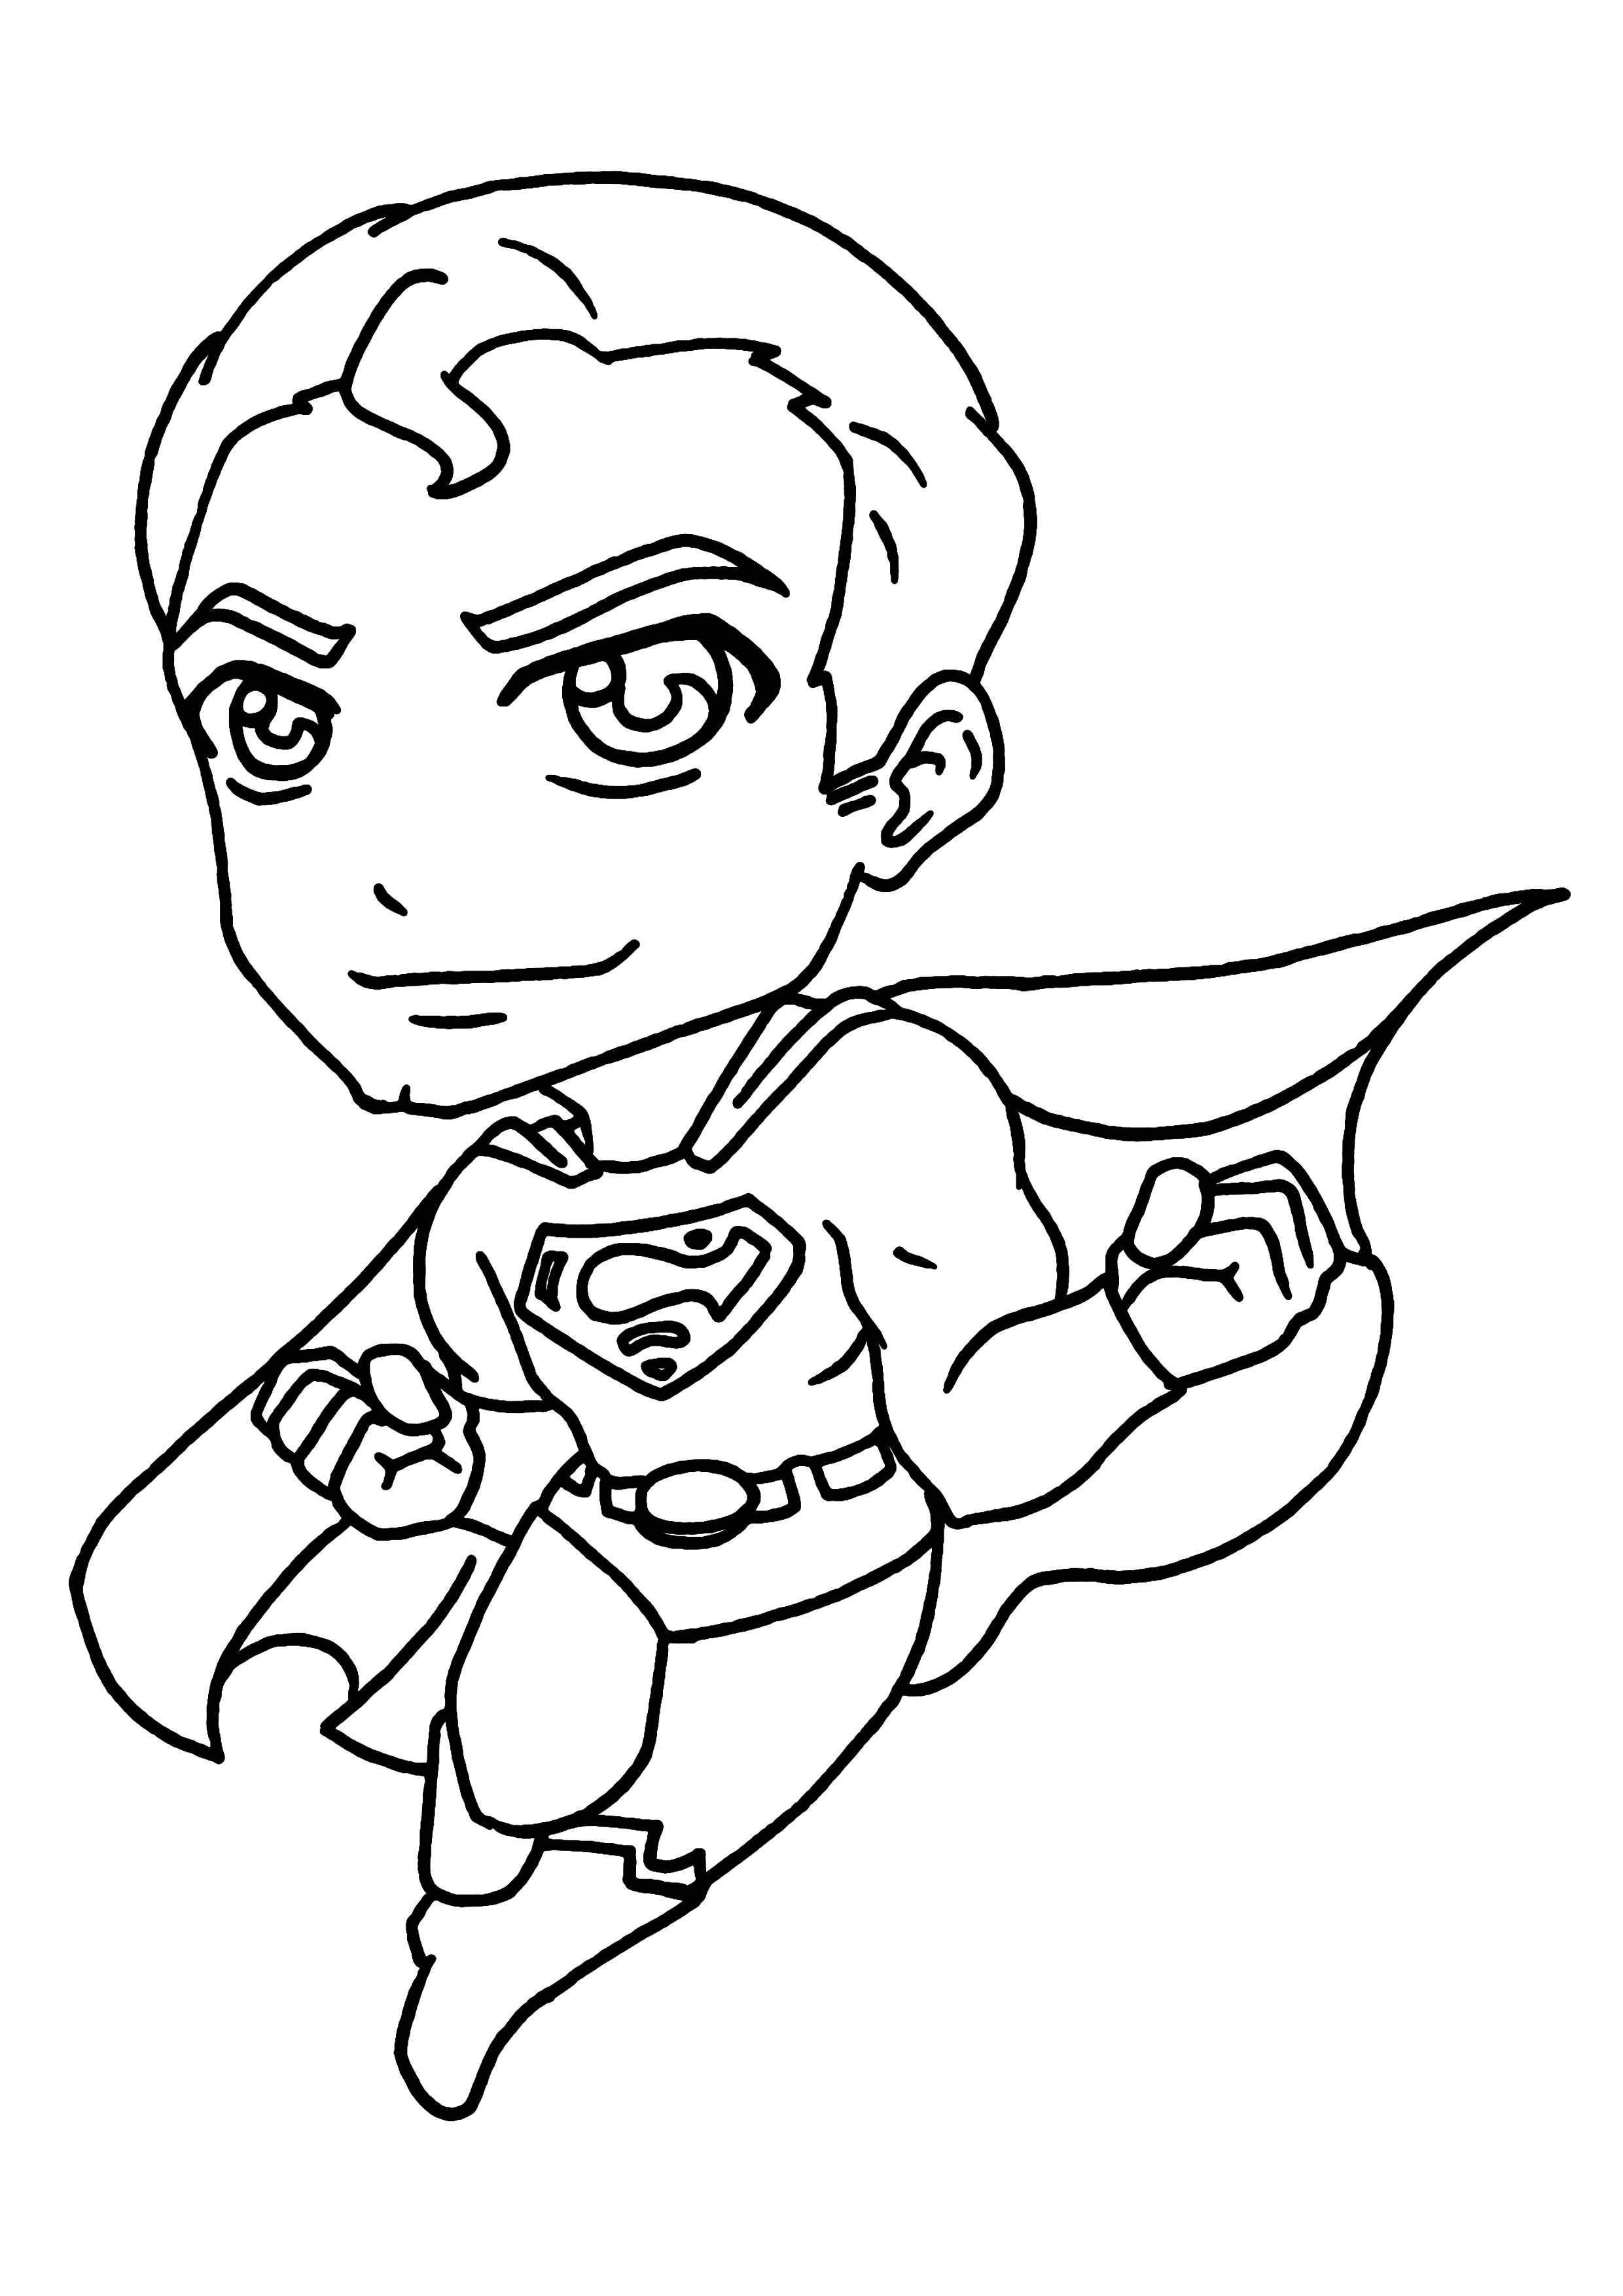 Élégant Dessin A Colorier A Imprimer Super Heros